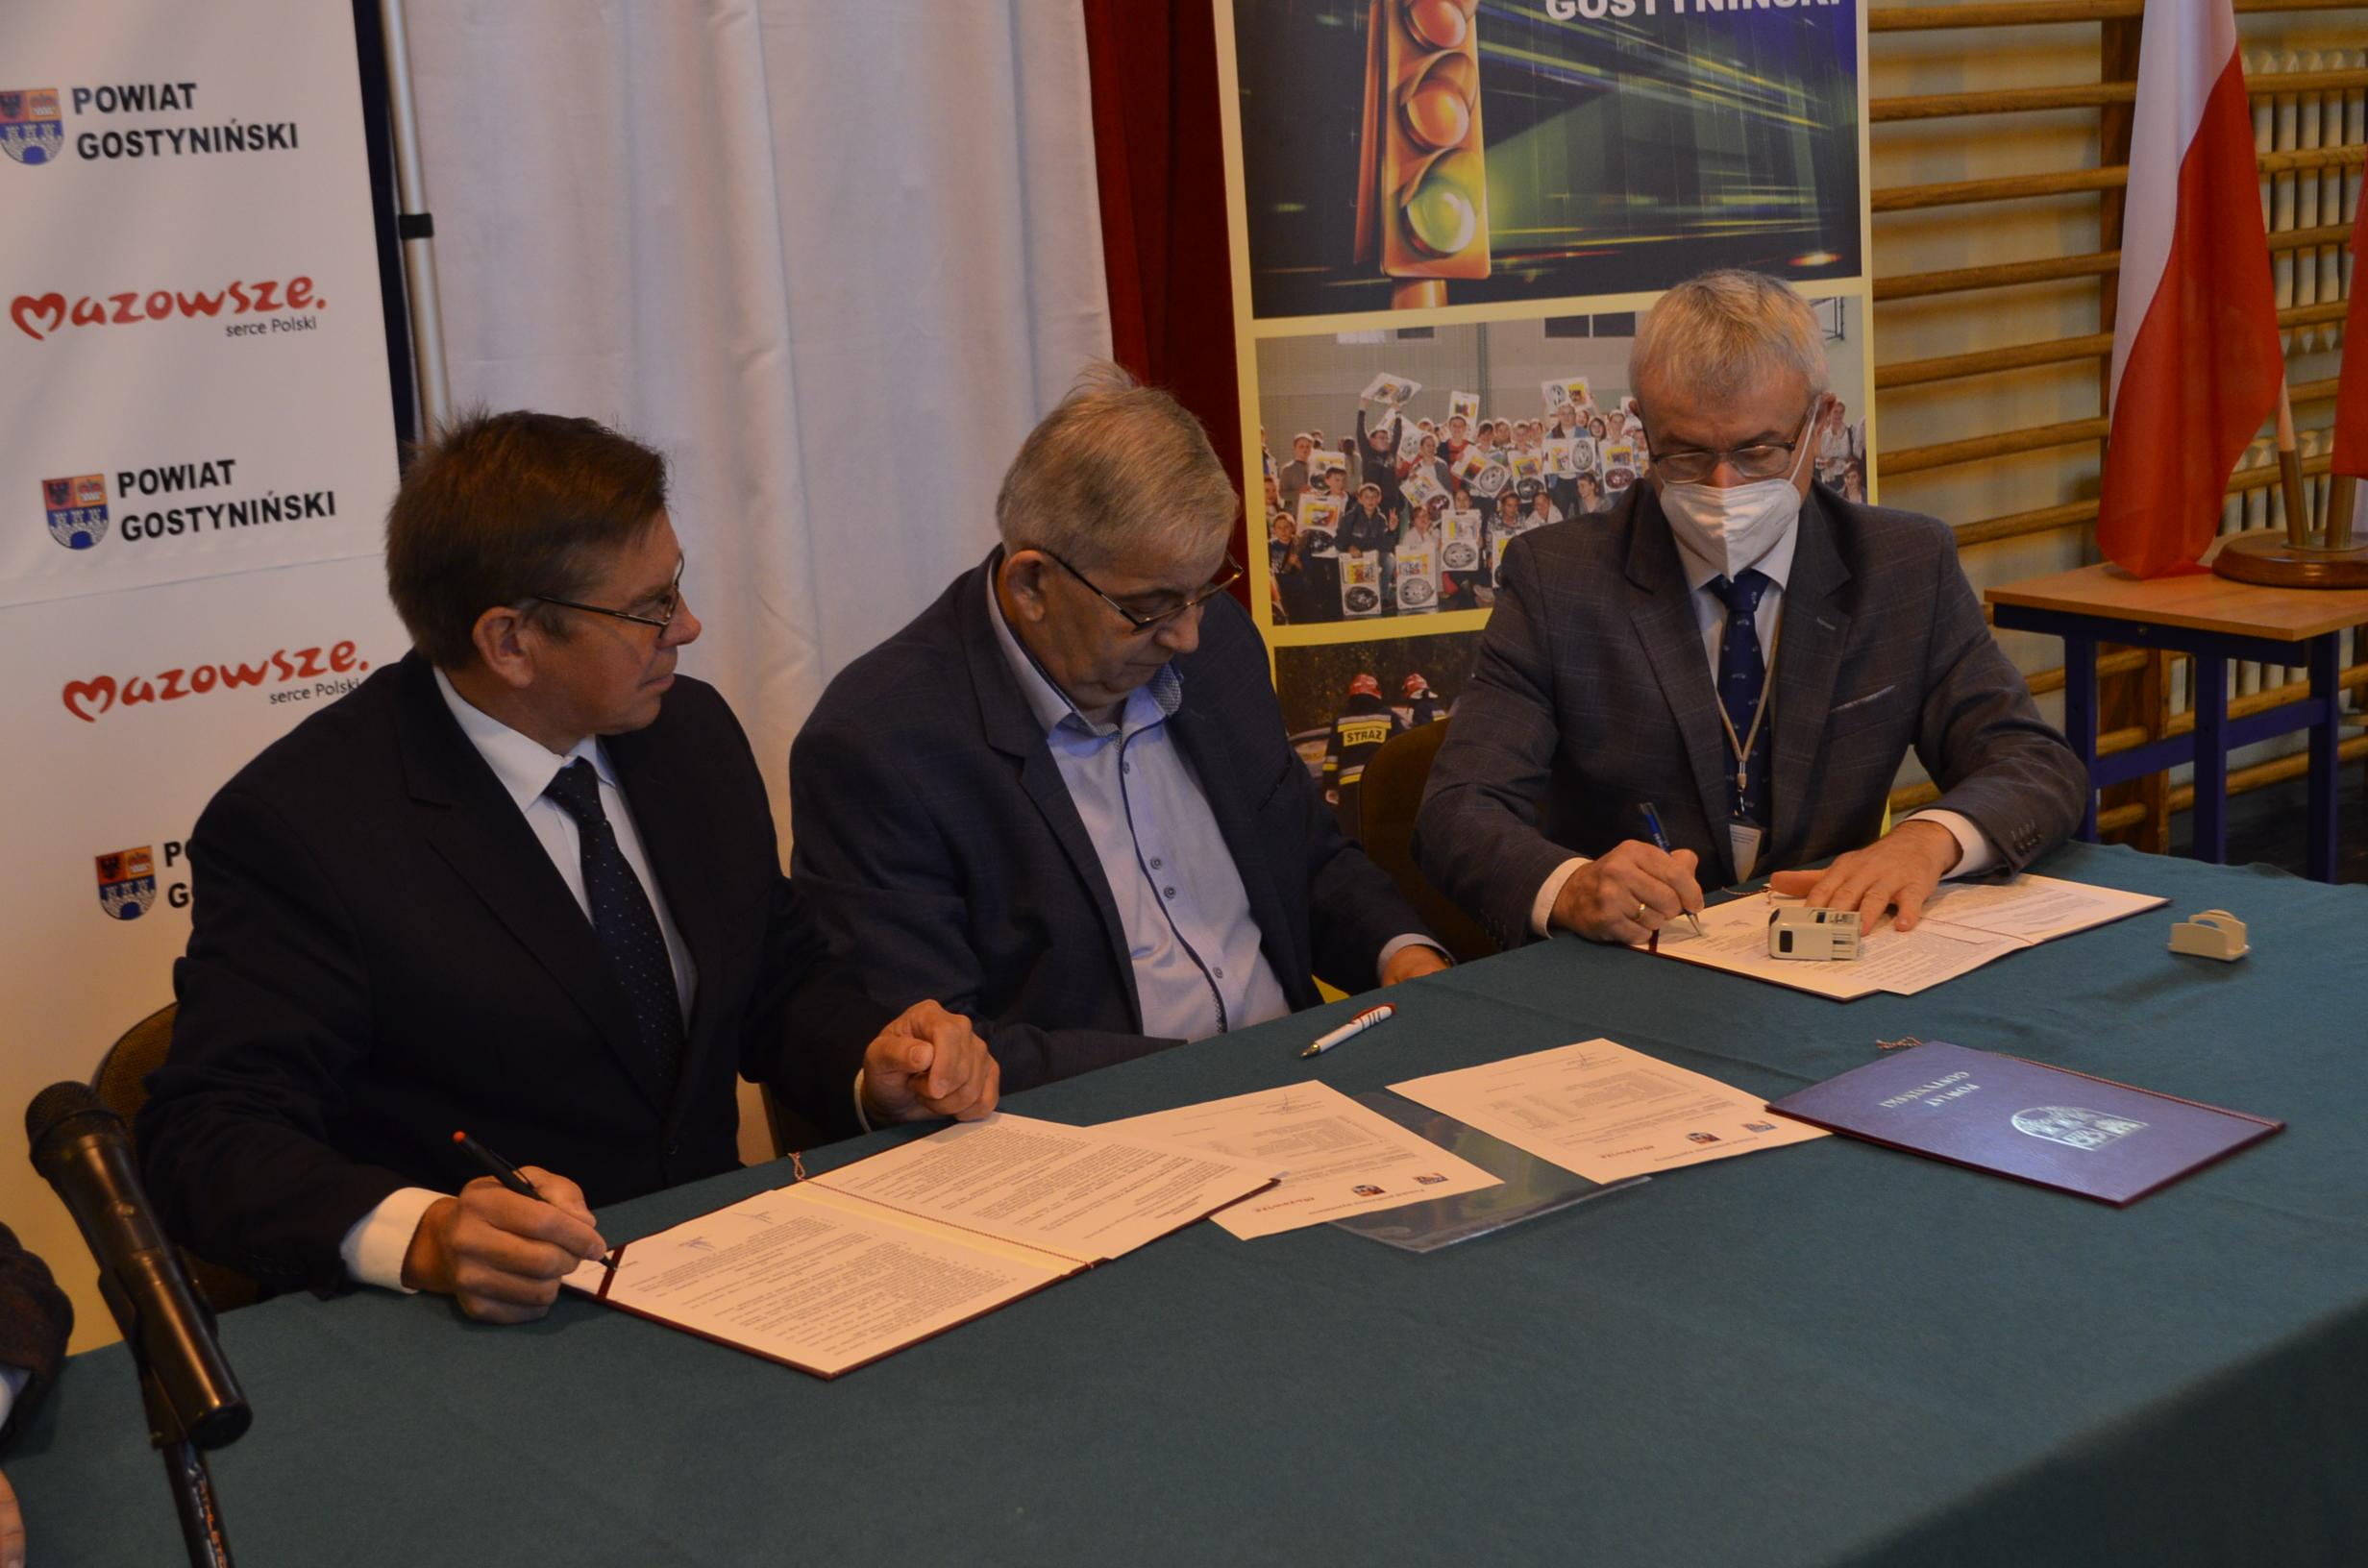 Partnerzy Porozumienia składają podpisy pod tekstem dokumentu.